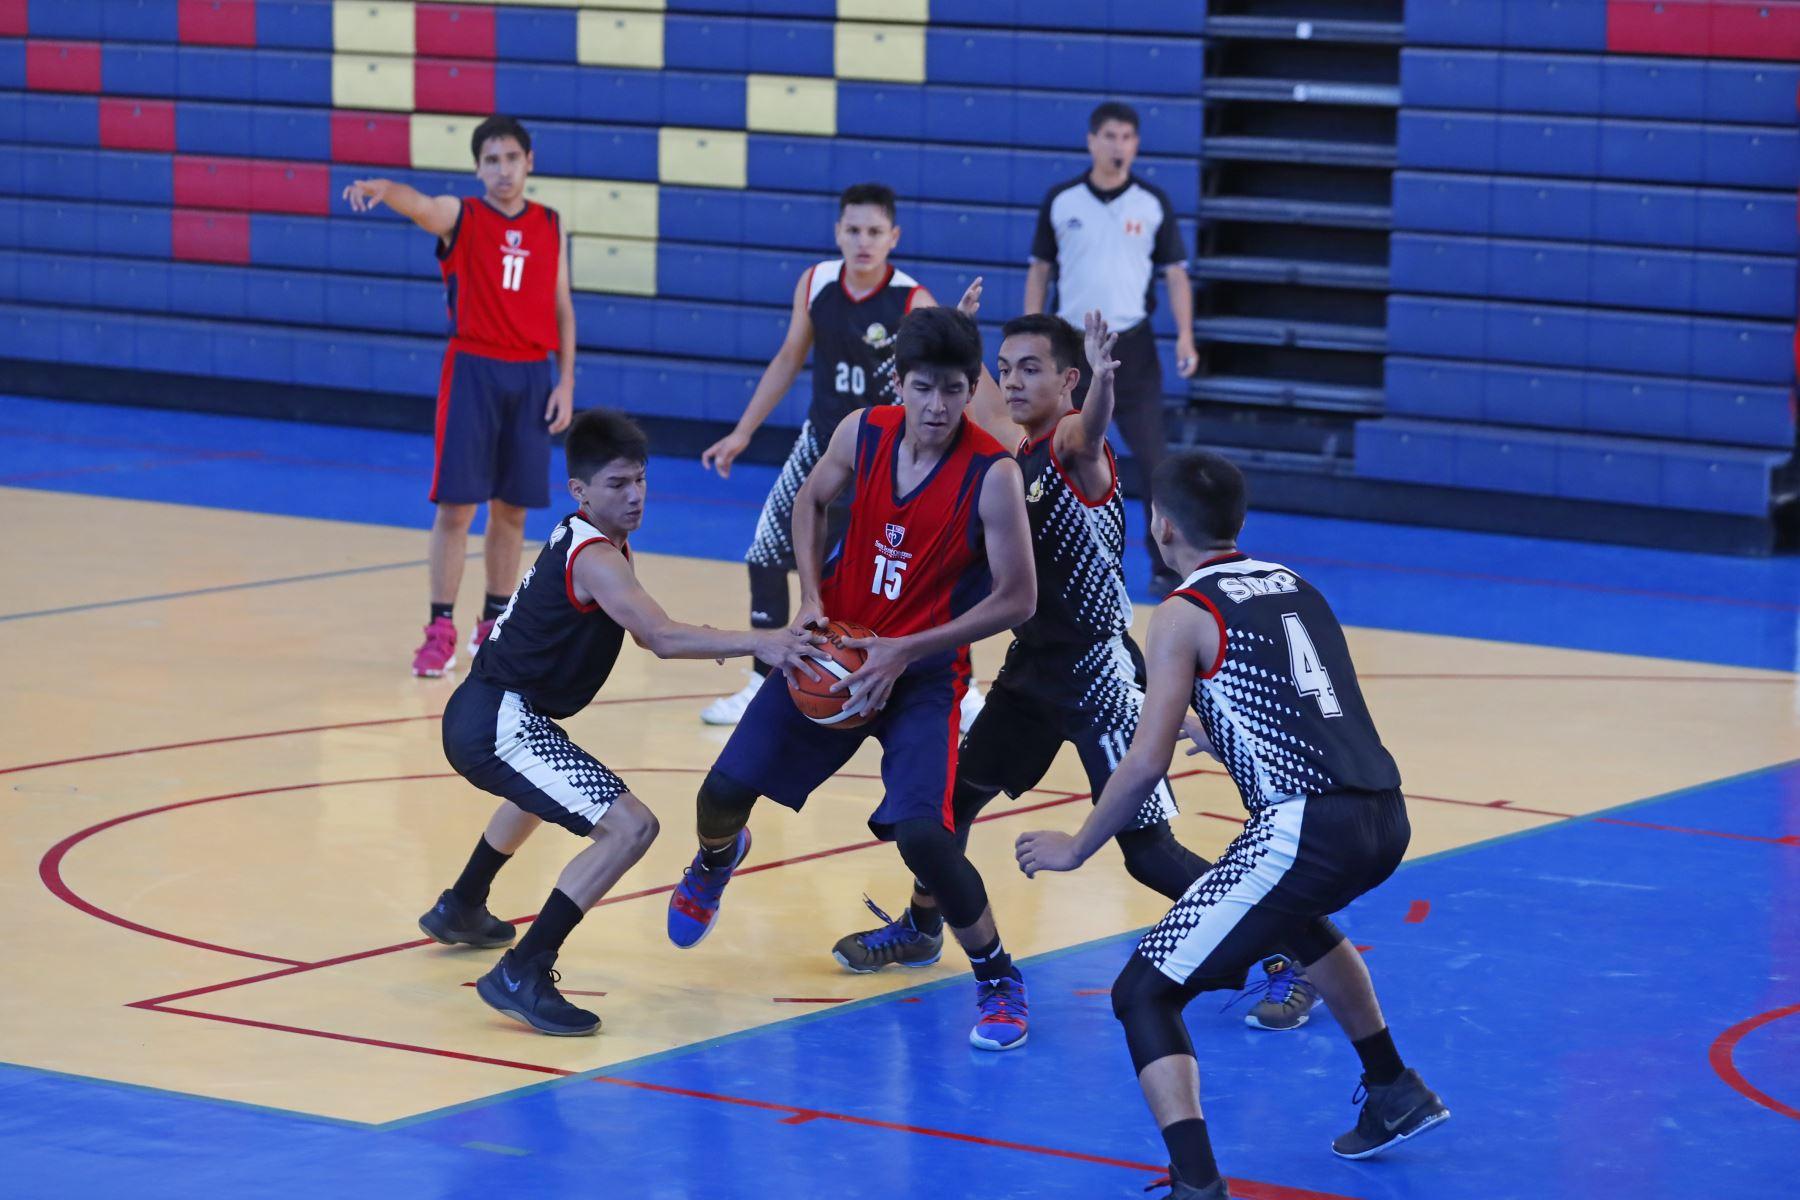 Colegio San Martín de Porres de Loreto disputa final contra San José Obrero Maristas de Trujillo por los Juegos Deportivos Escolares Nacionales 2019. Foto: ANDINA/Renato Pajuelo